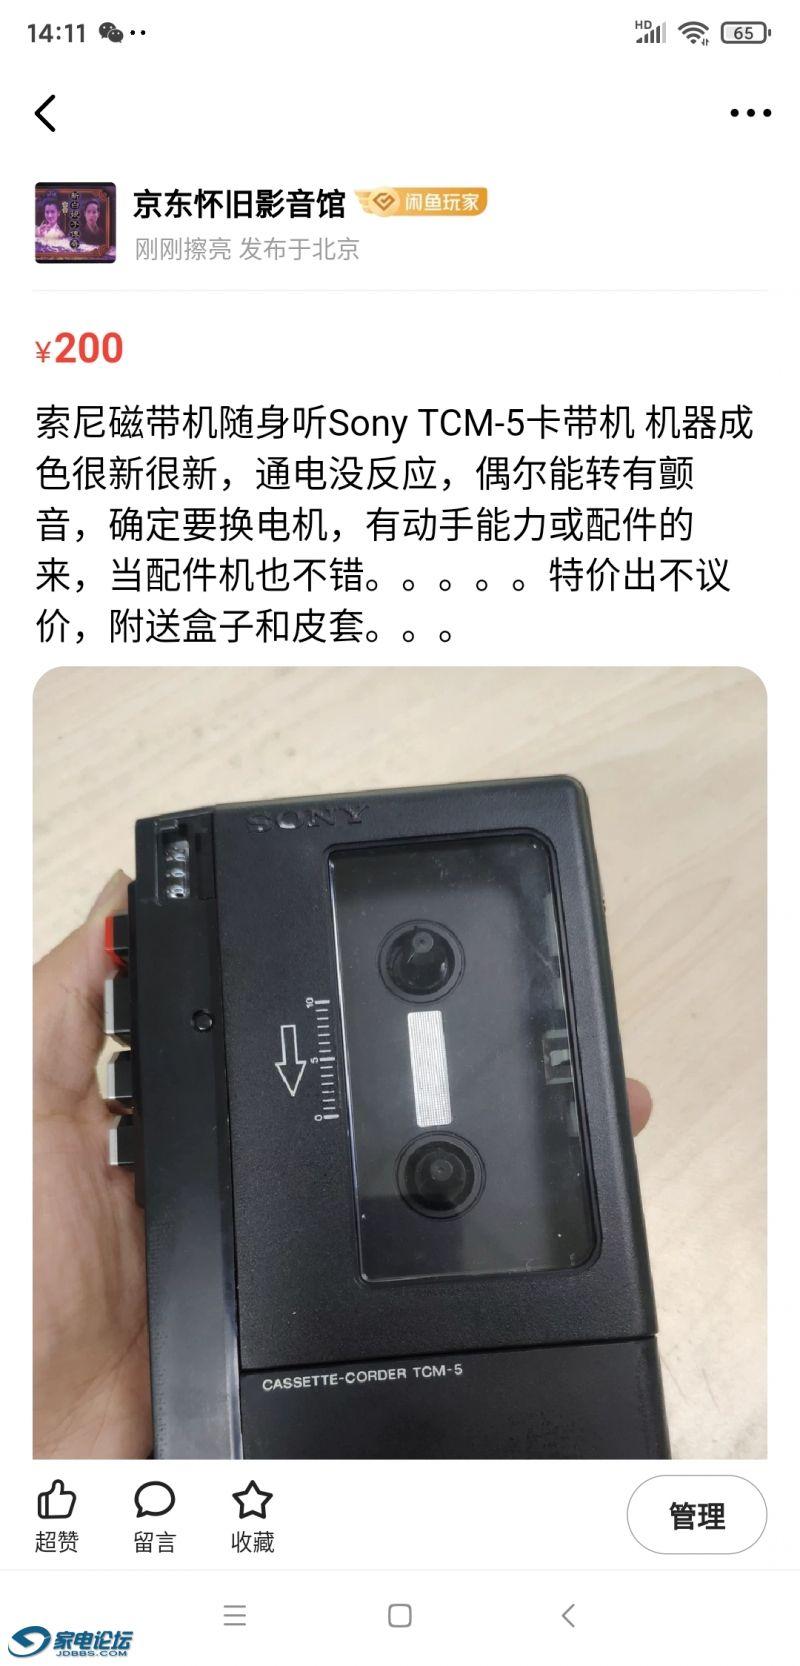 200元出个索尼磁带机随身听Sony TCM-5